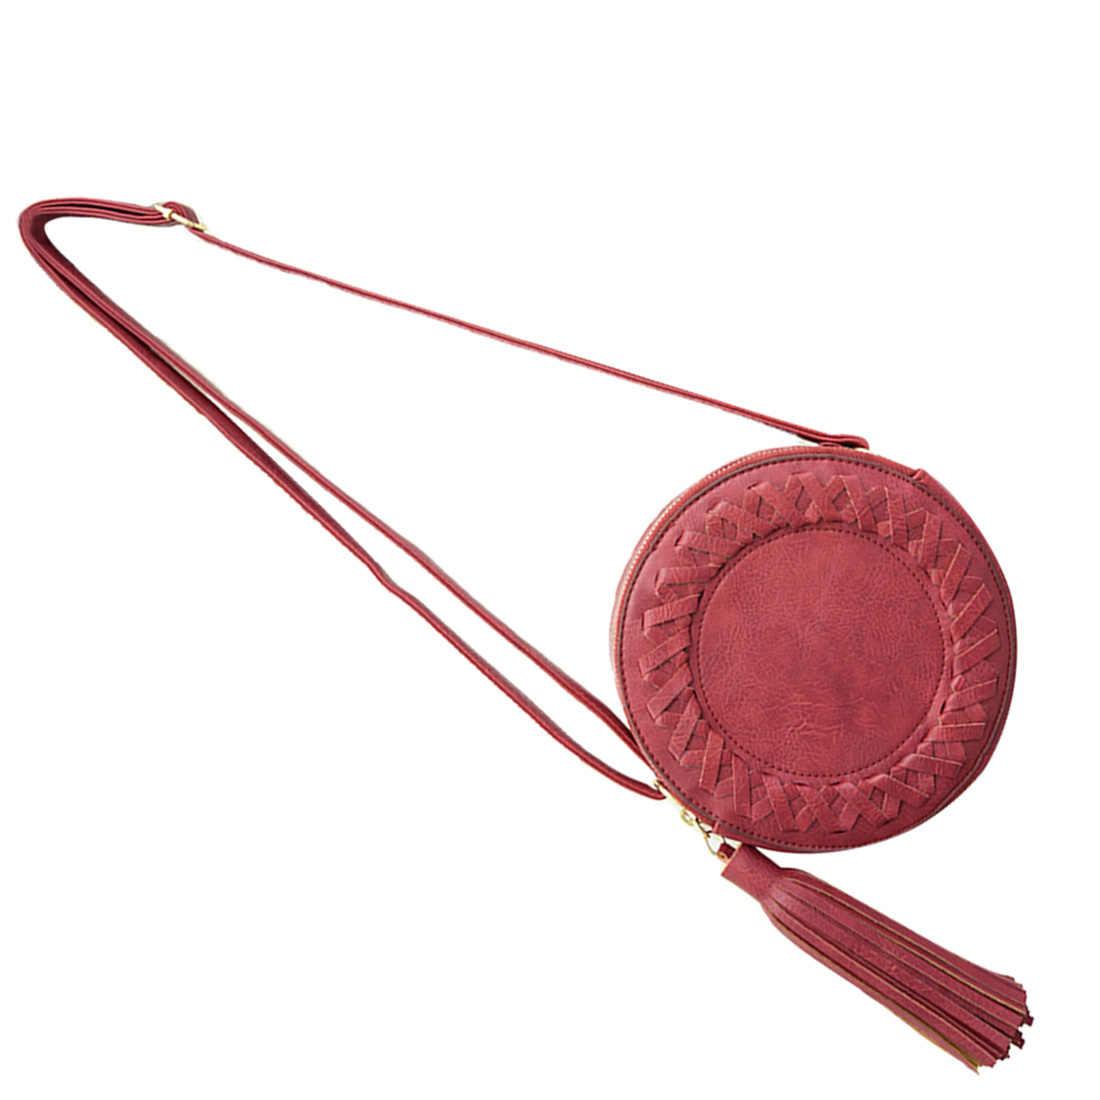 Популярная Новая модная женская сумка с кисточками, круглая плетеная Сумка через плечо, сумка-мессенджер, Женская милая сумка через плечо